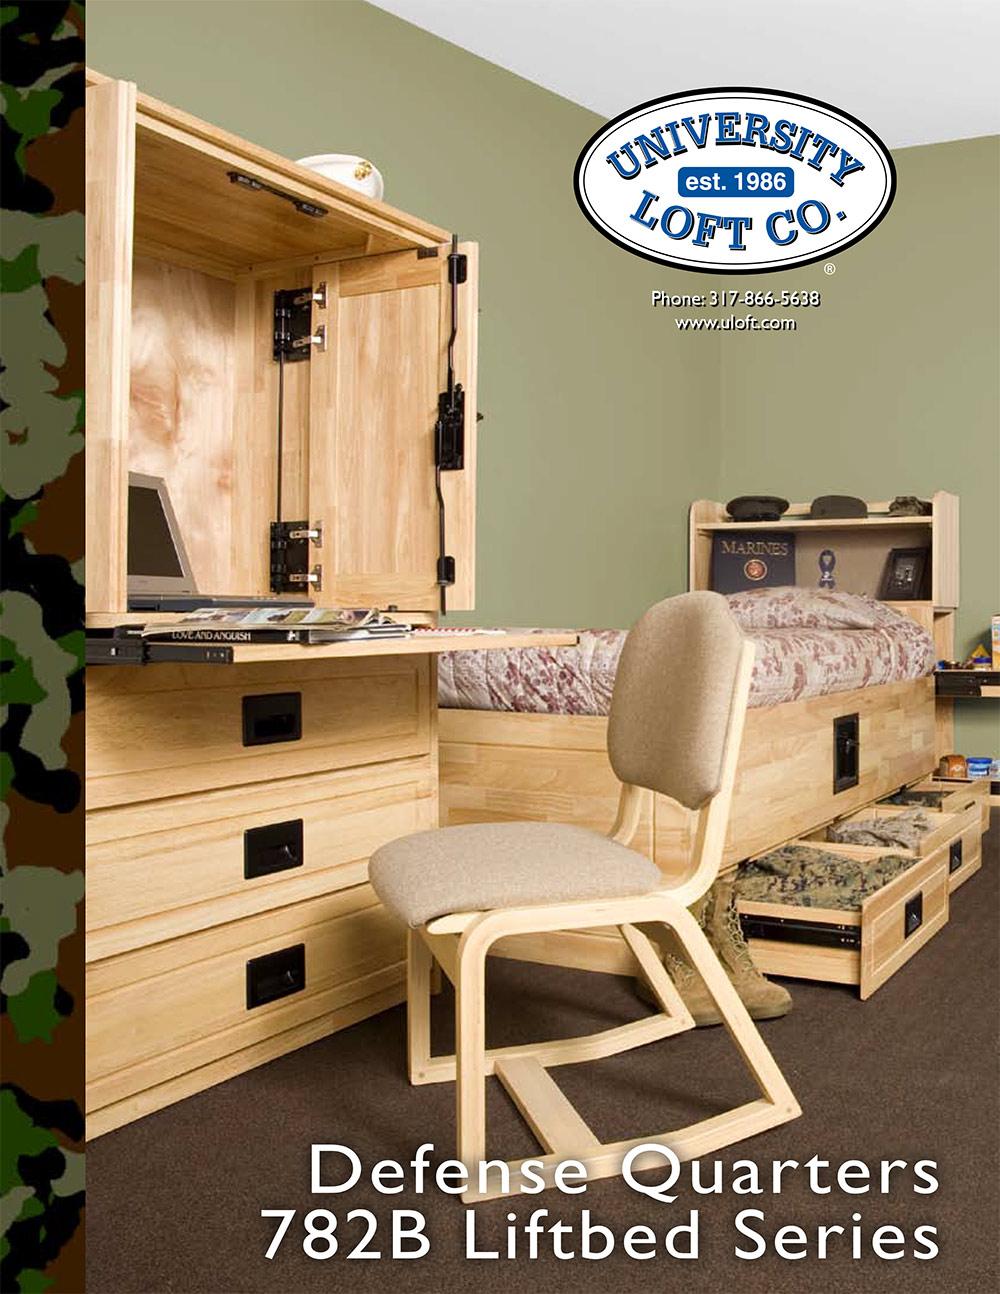 Defense Quarters Lift Bed Series